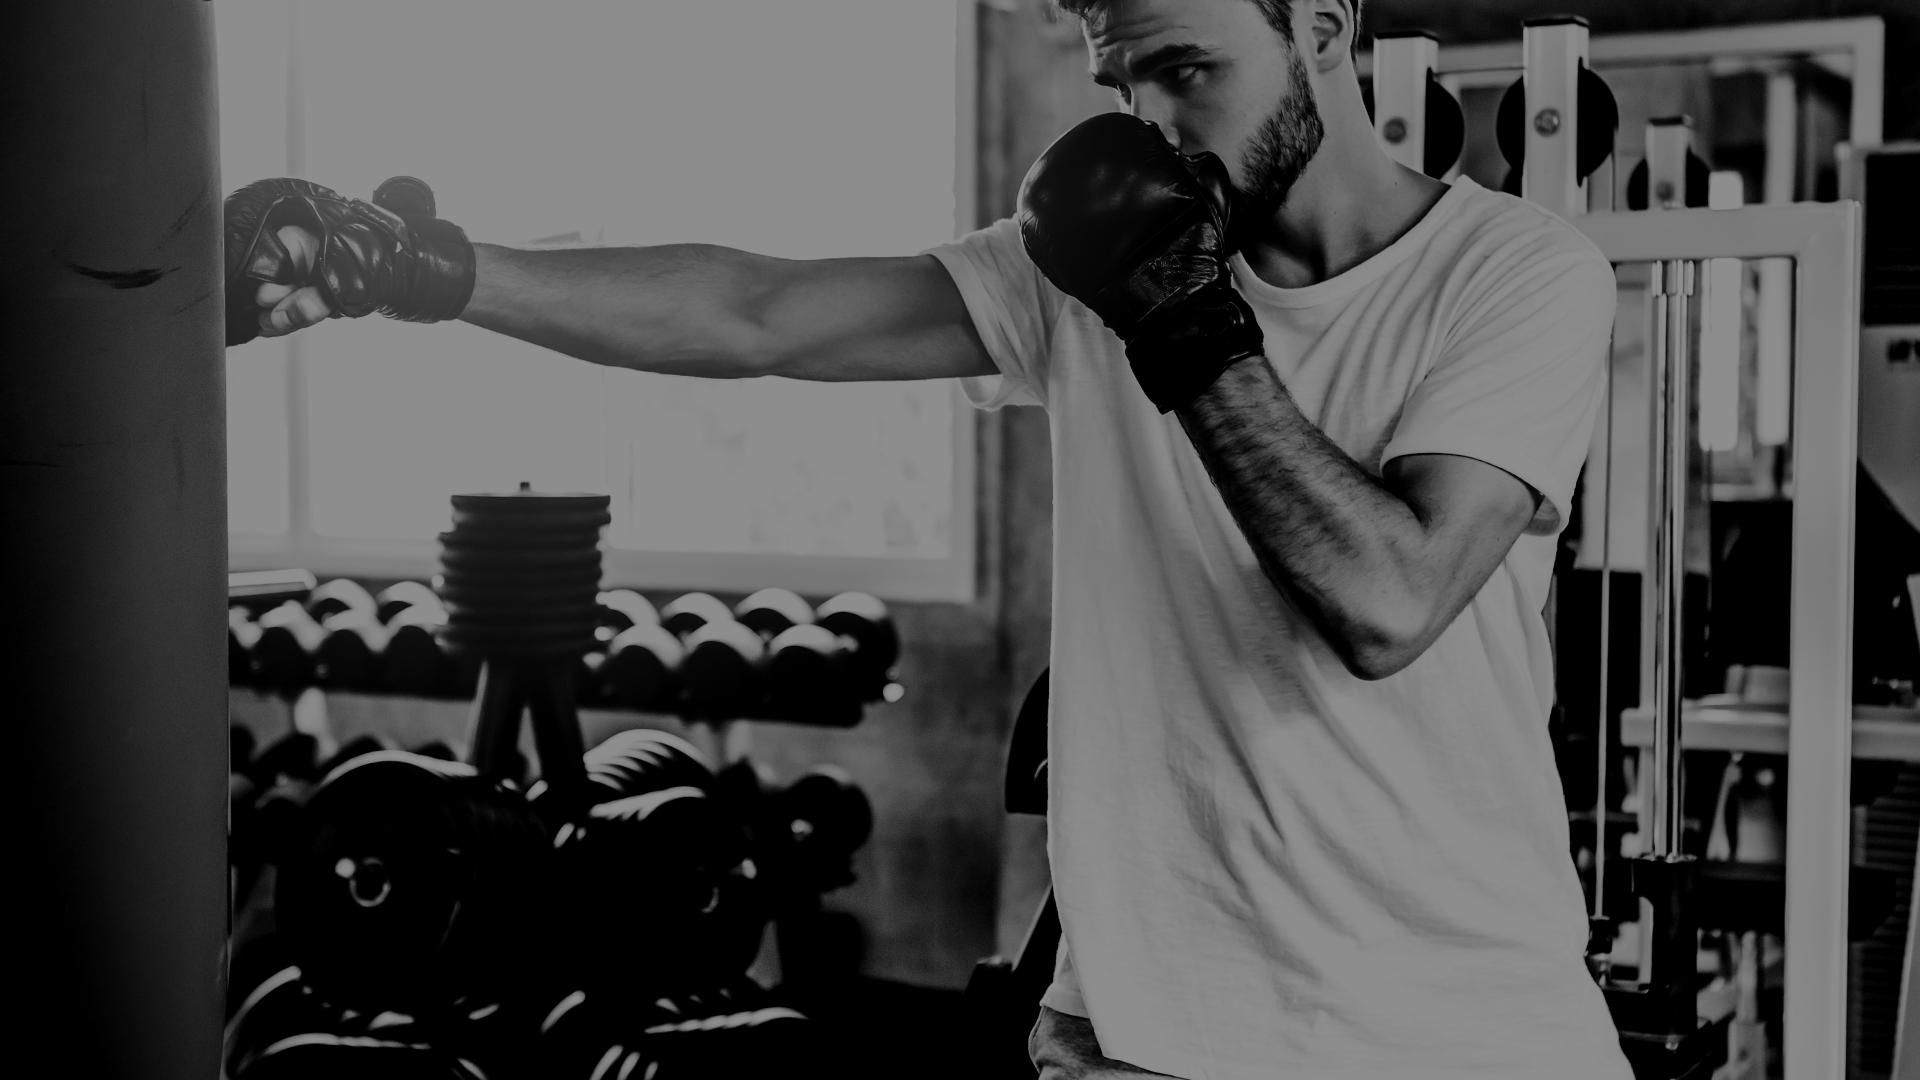 https://theboxerclub.es/resources/slides/clases-de-boxeo-the-boxer-club.png